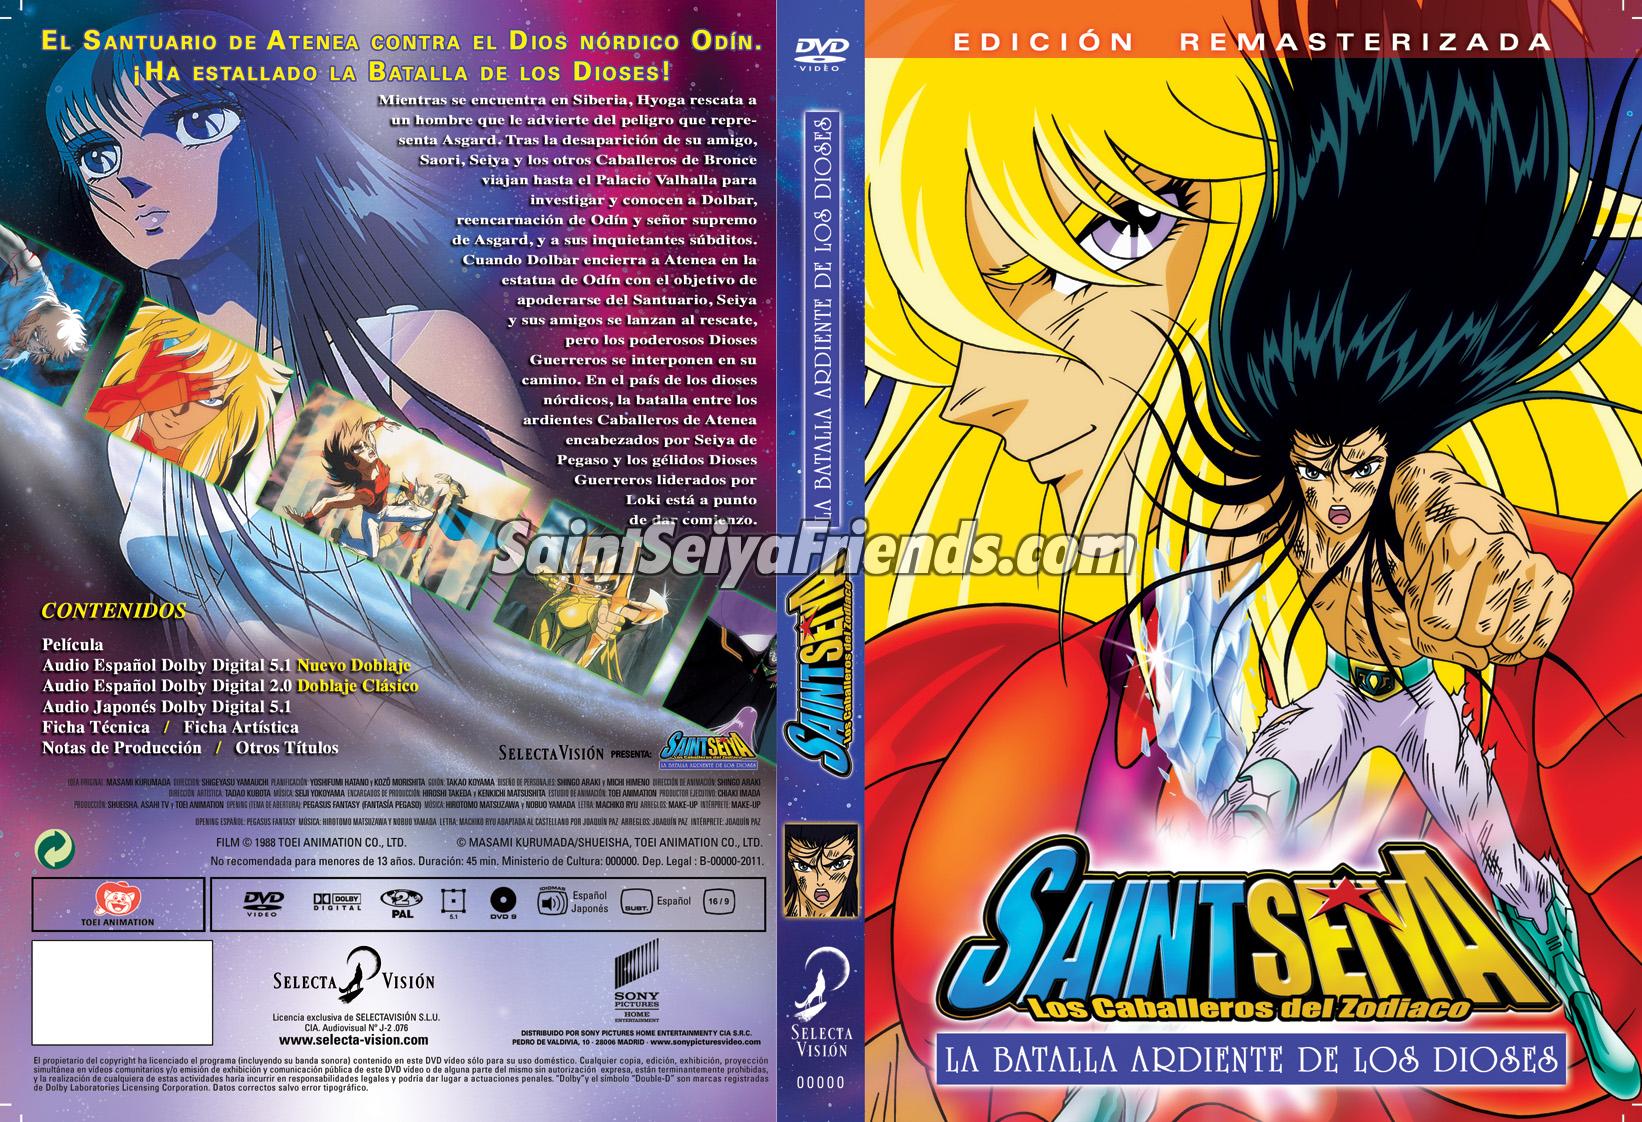 Covers de manga, anime y otros 6153833112_e3611a80ea_o